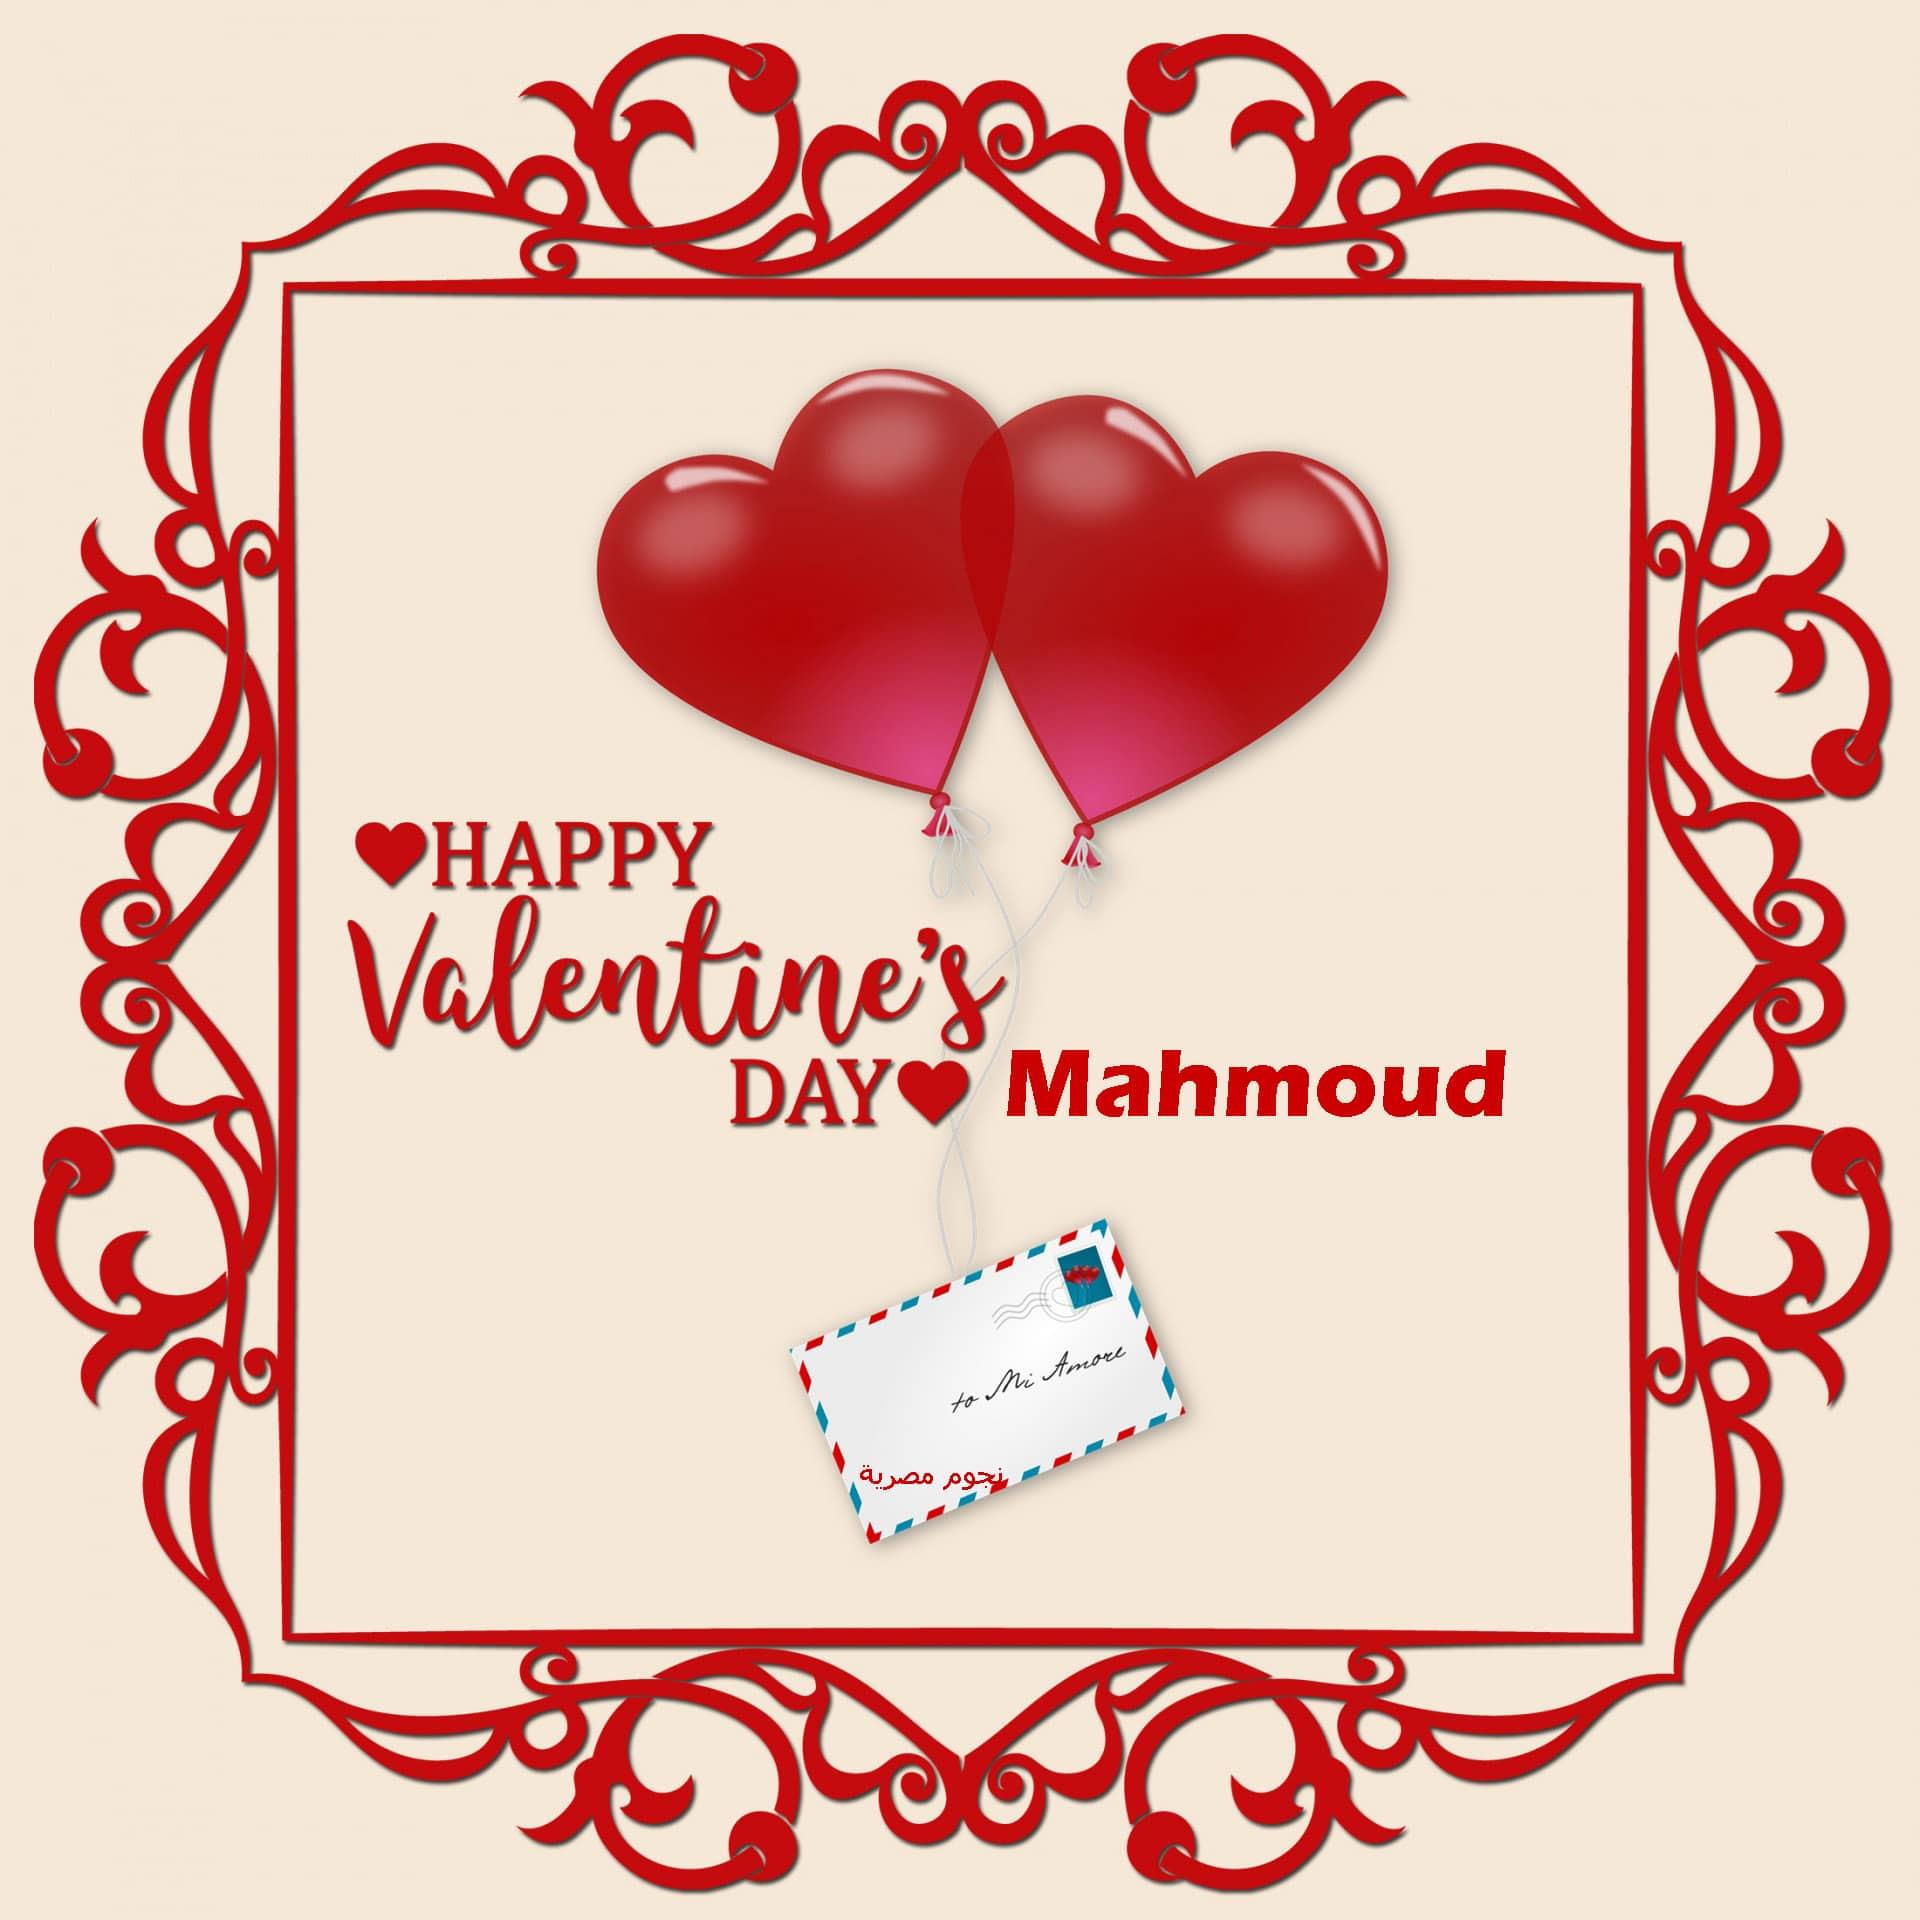 بالصور رسائل عن الحب , صور لعيد الحب 5203 14